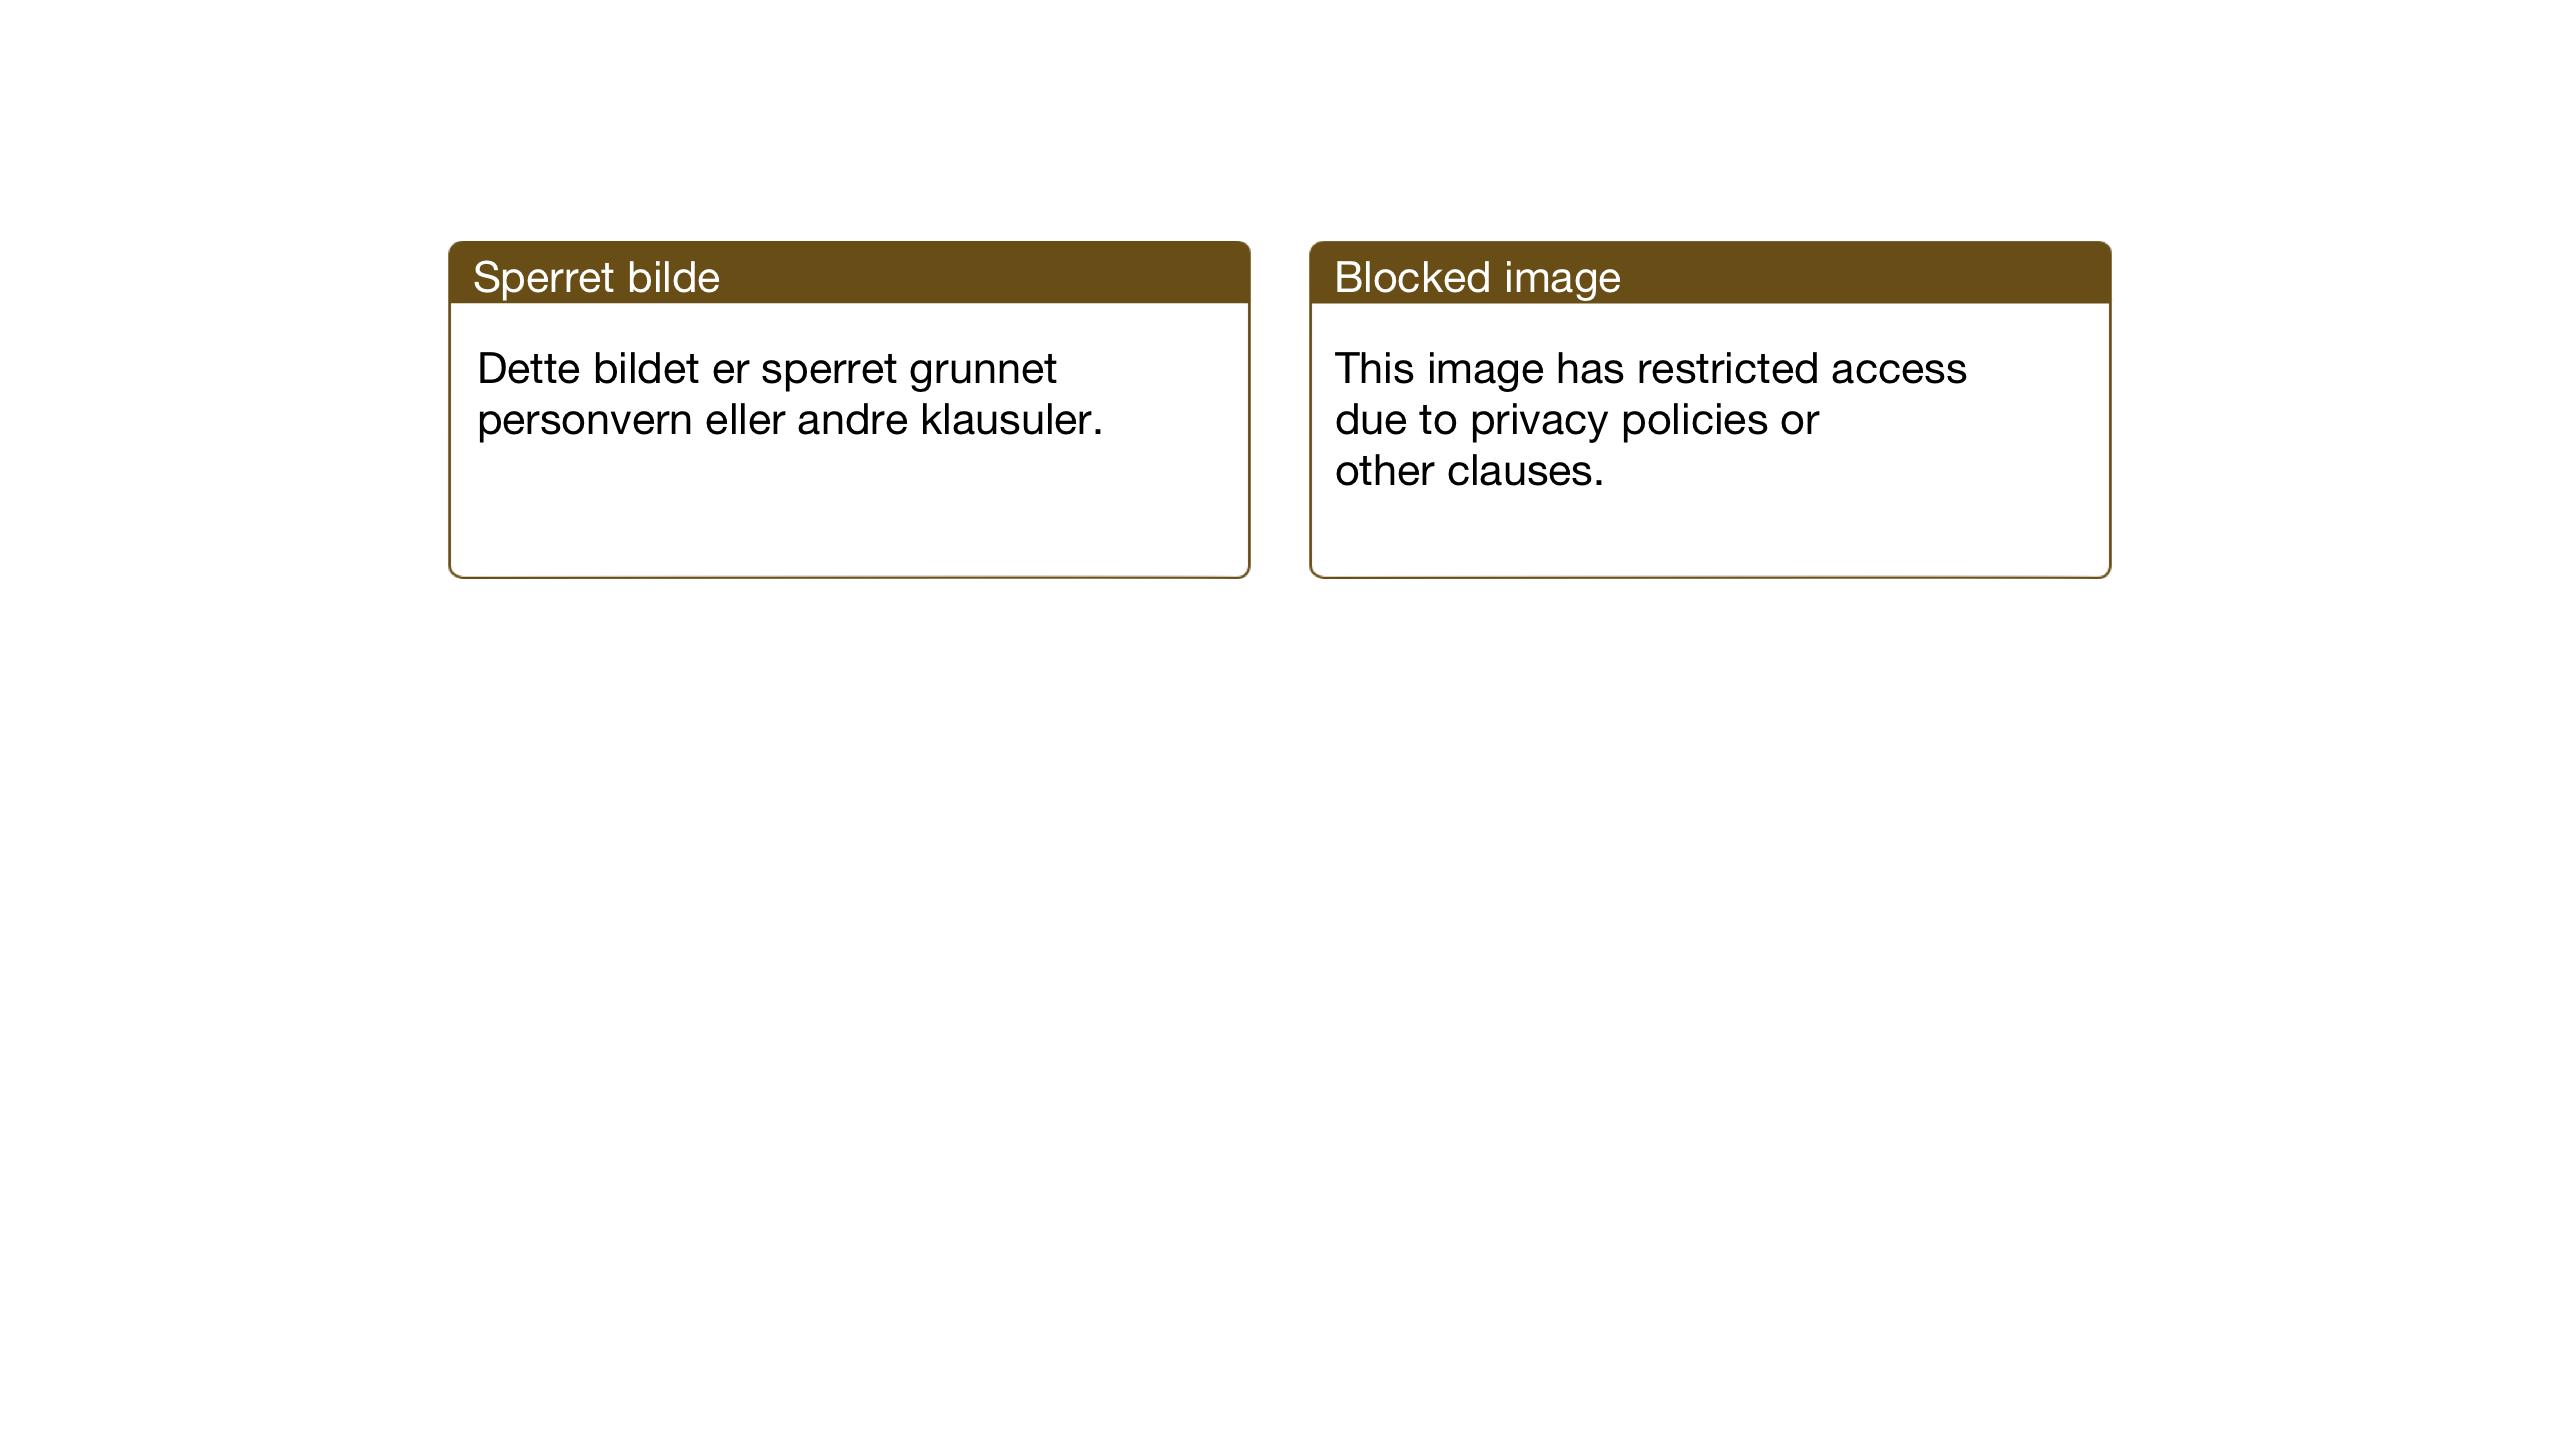 SAT, Ministerialprotokoller, klokkerbøker og fødselsregistre - Sør-Trøndelag, 635/L0554: Klokkerbok nr. 635C02, 1919-1942, s. 36